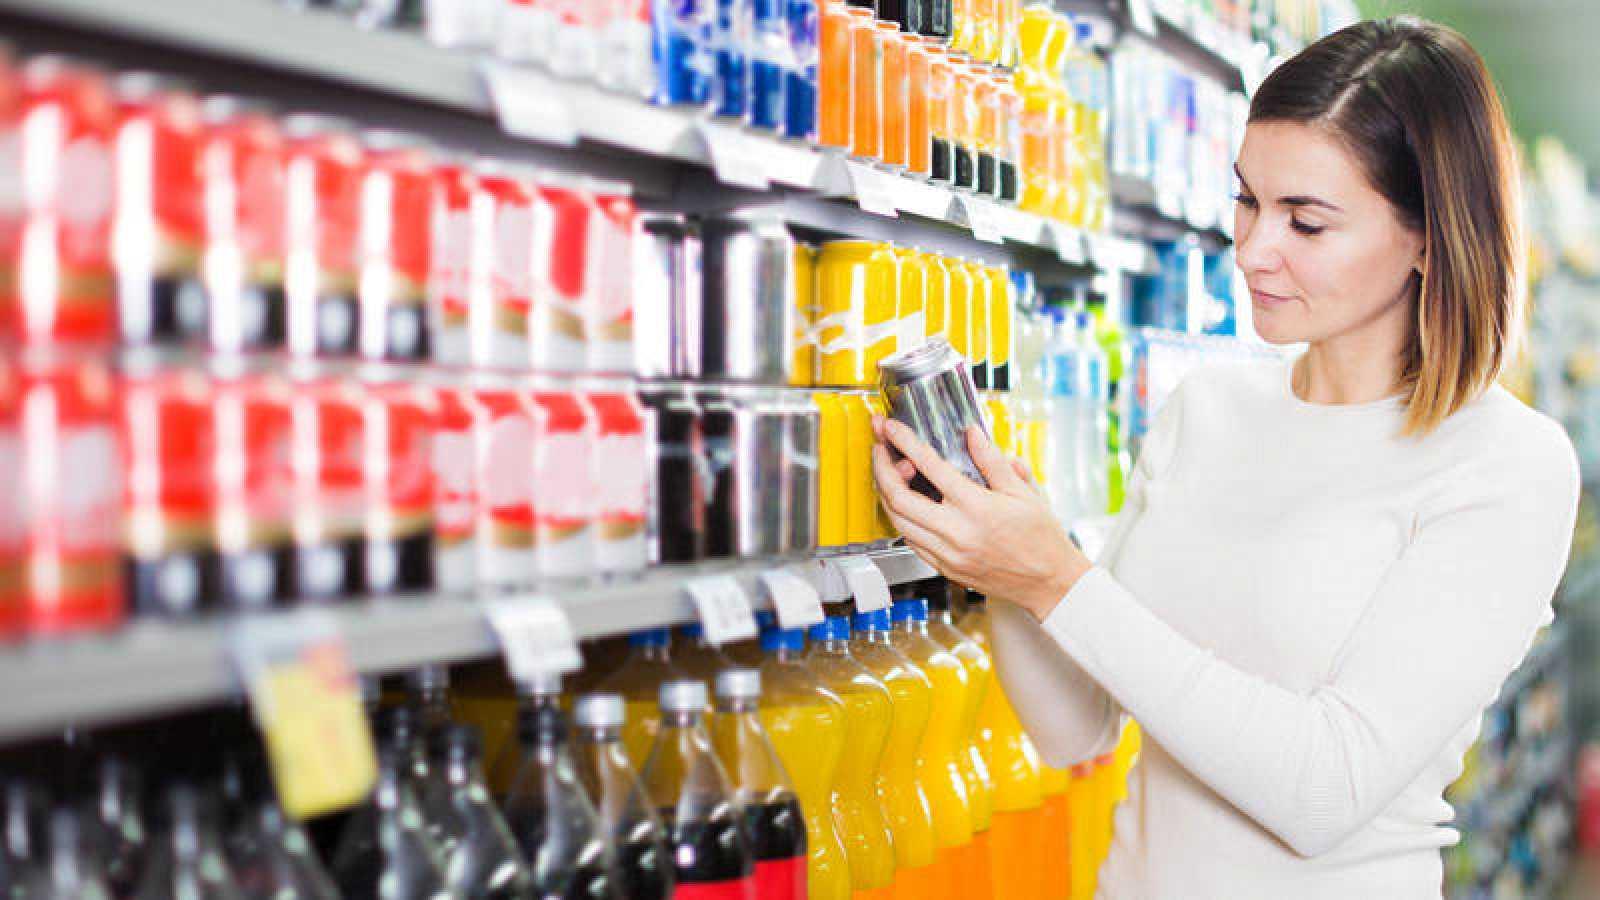 Una mujer mira la etiqueta de un refresco en un supermercado.